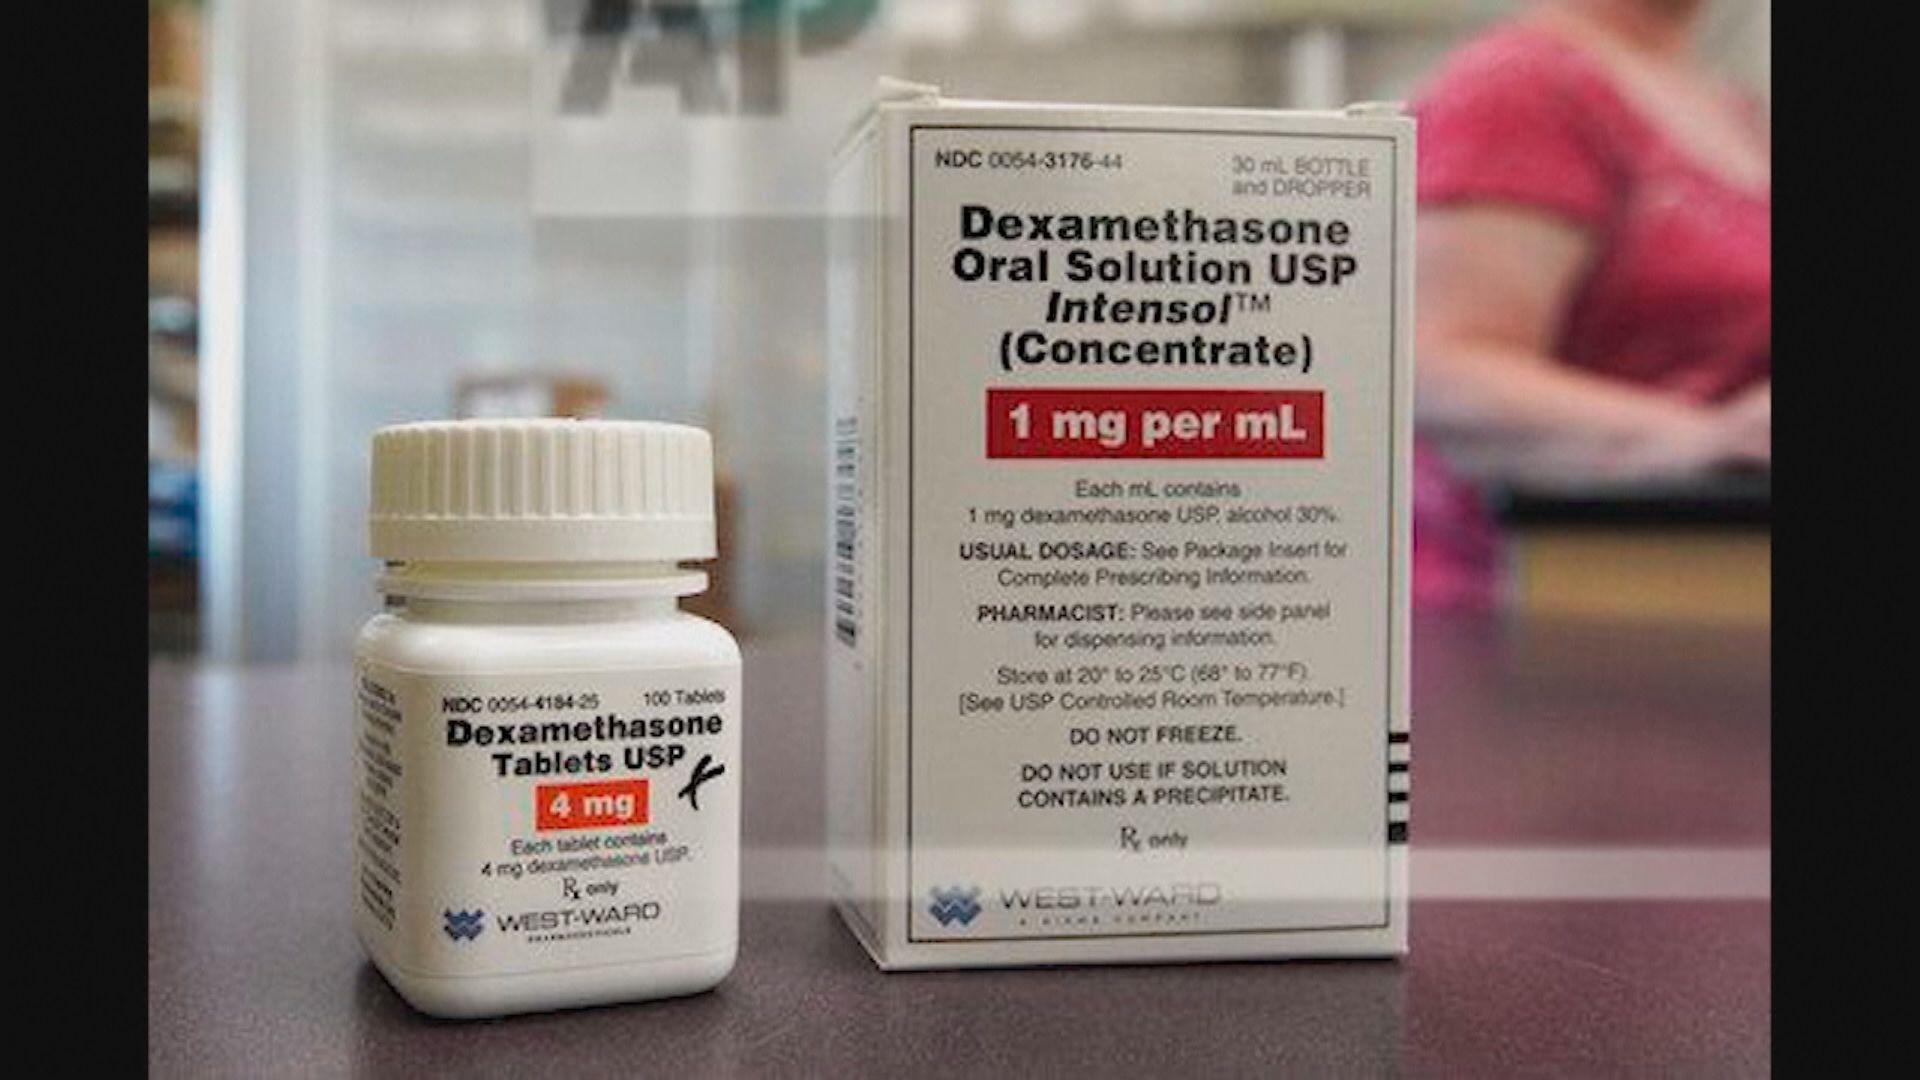 世衛:類固醇藥物地塞米松應只用於新冠重症患者身上